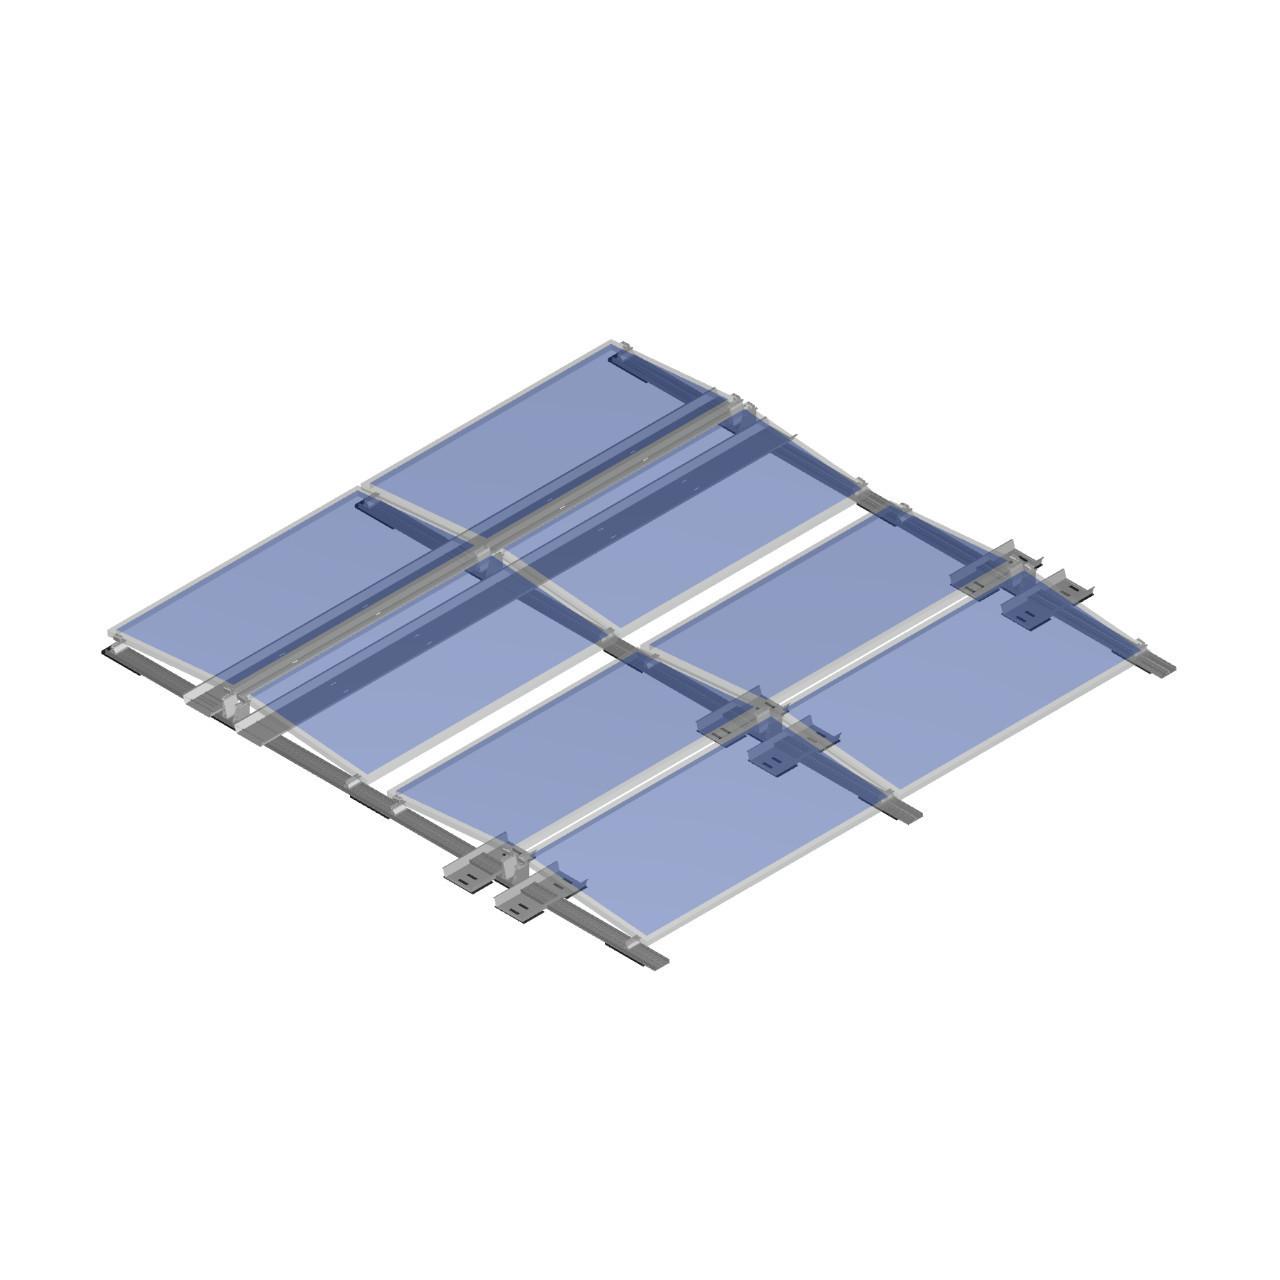 FixGrid5 - East-West - Transparent Panels